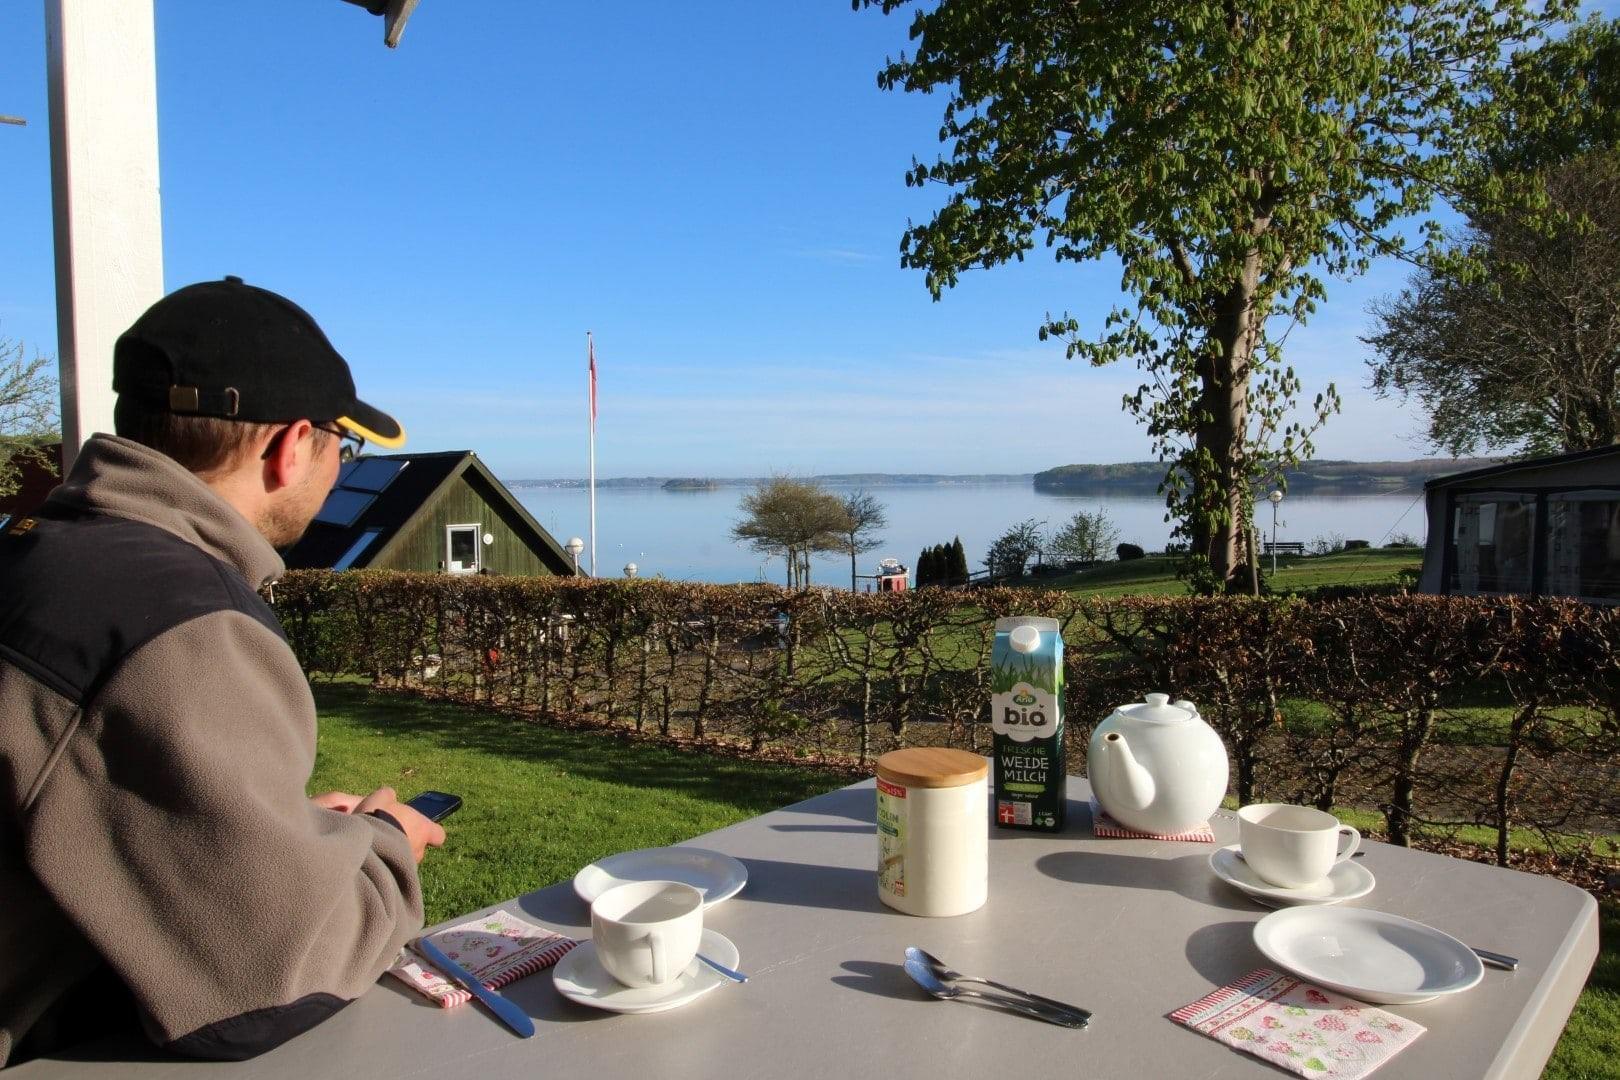 Frühstpck vor Campinghütte in Dänemark